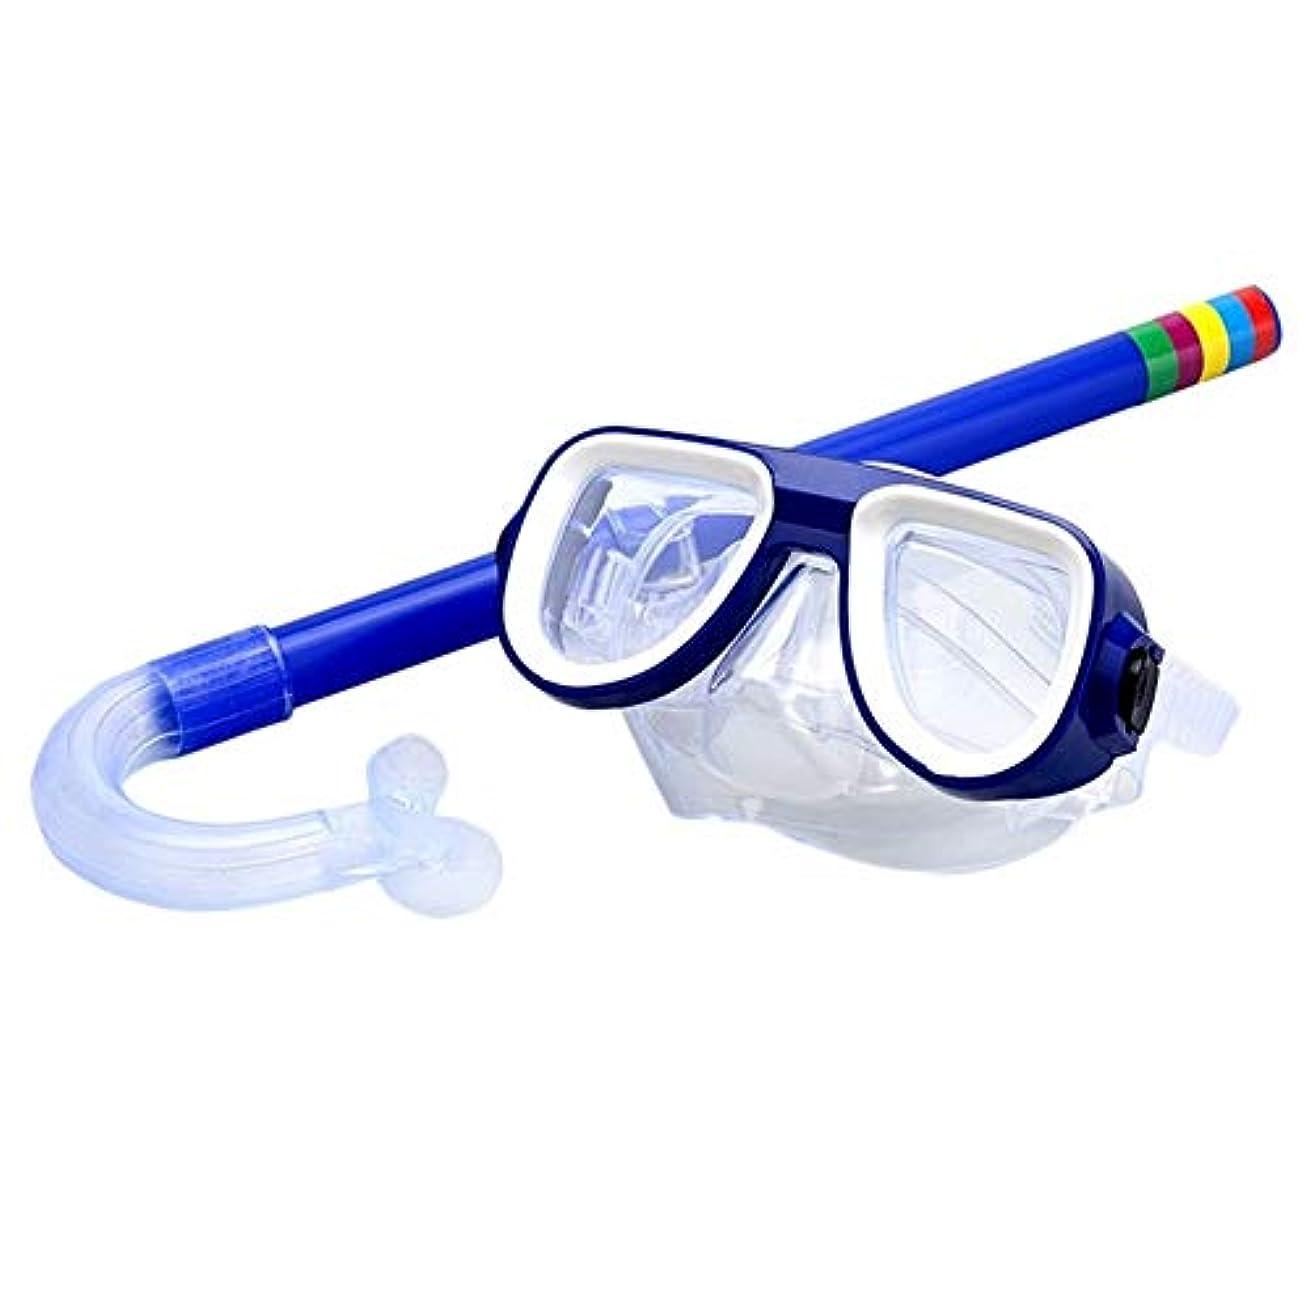 エコーマガジン研磨剤子供の安全シュノーケリングダイビングマスク+シュノーケリングスーツ水着子供水スポーツ3-8歳青 g5y9k2i3rw1